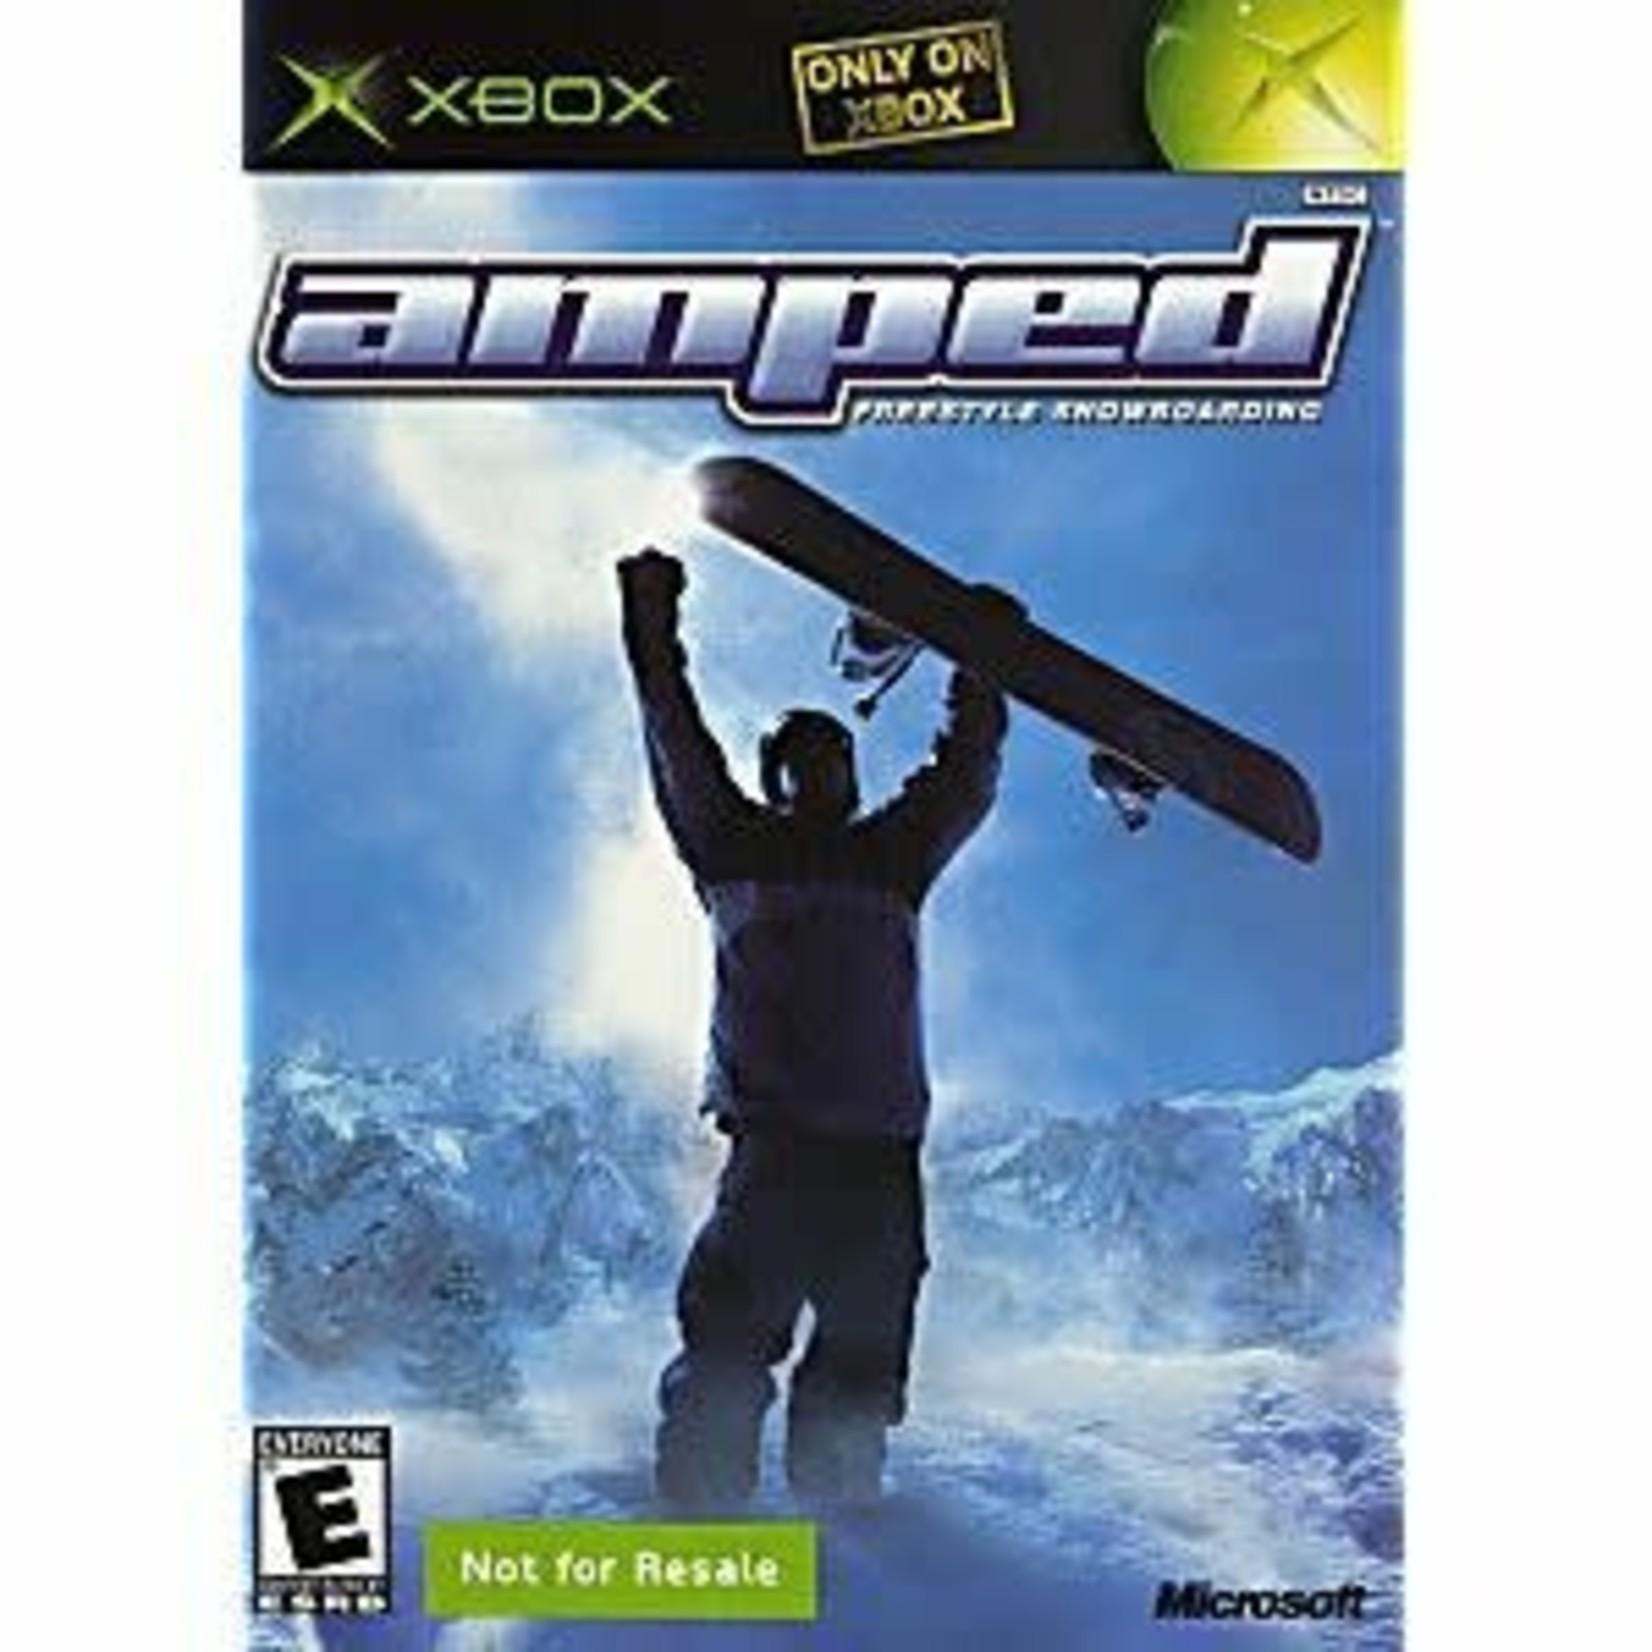 XBU-Amped: Freestyle Snowboarding